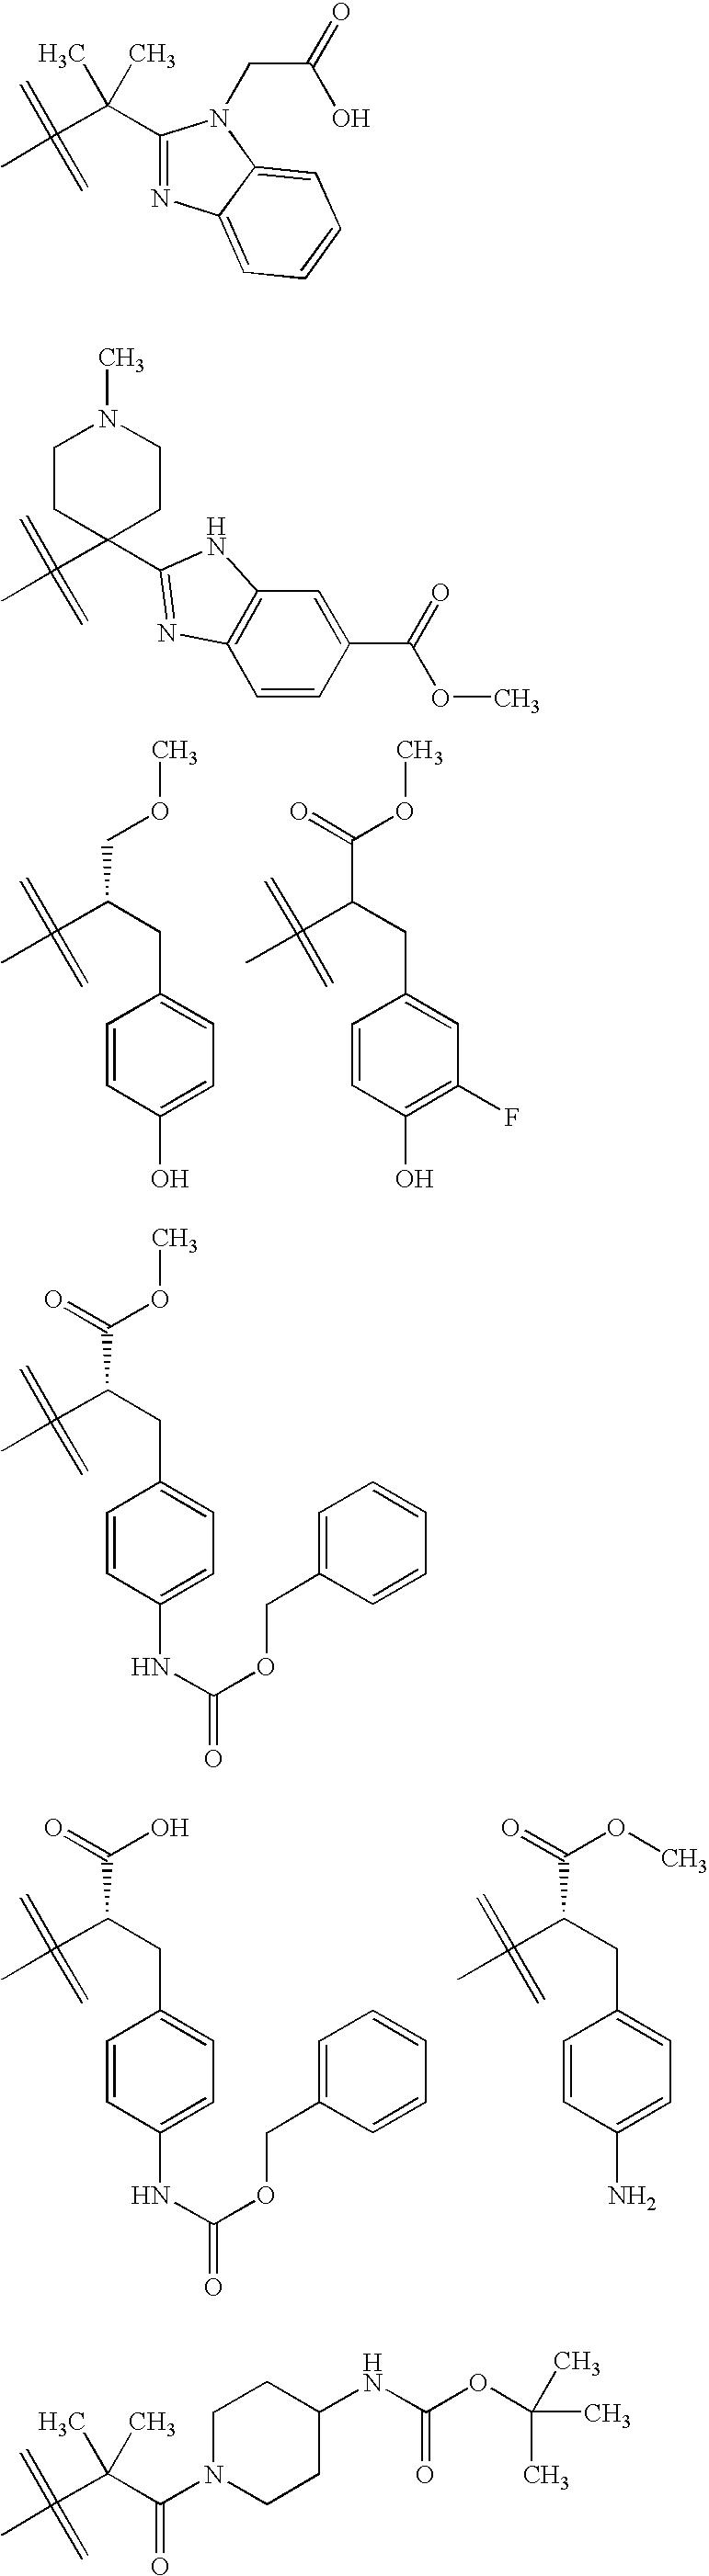 Figure US20070049593A1-20070301-C00183